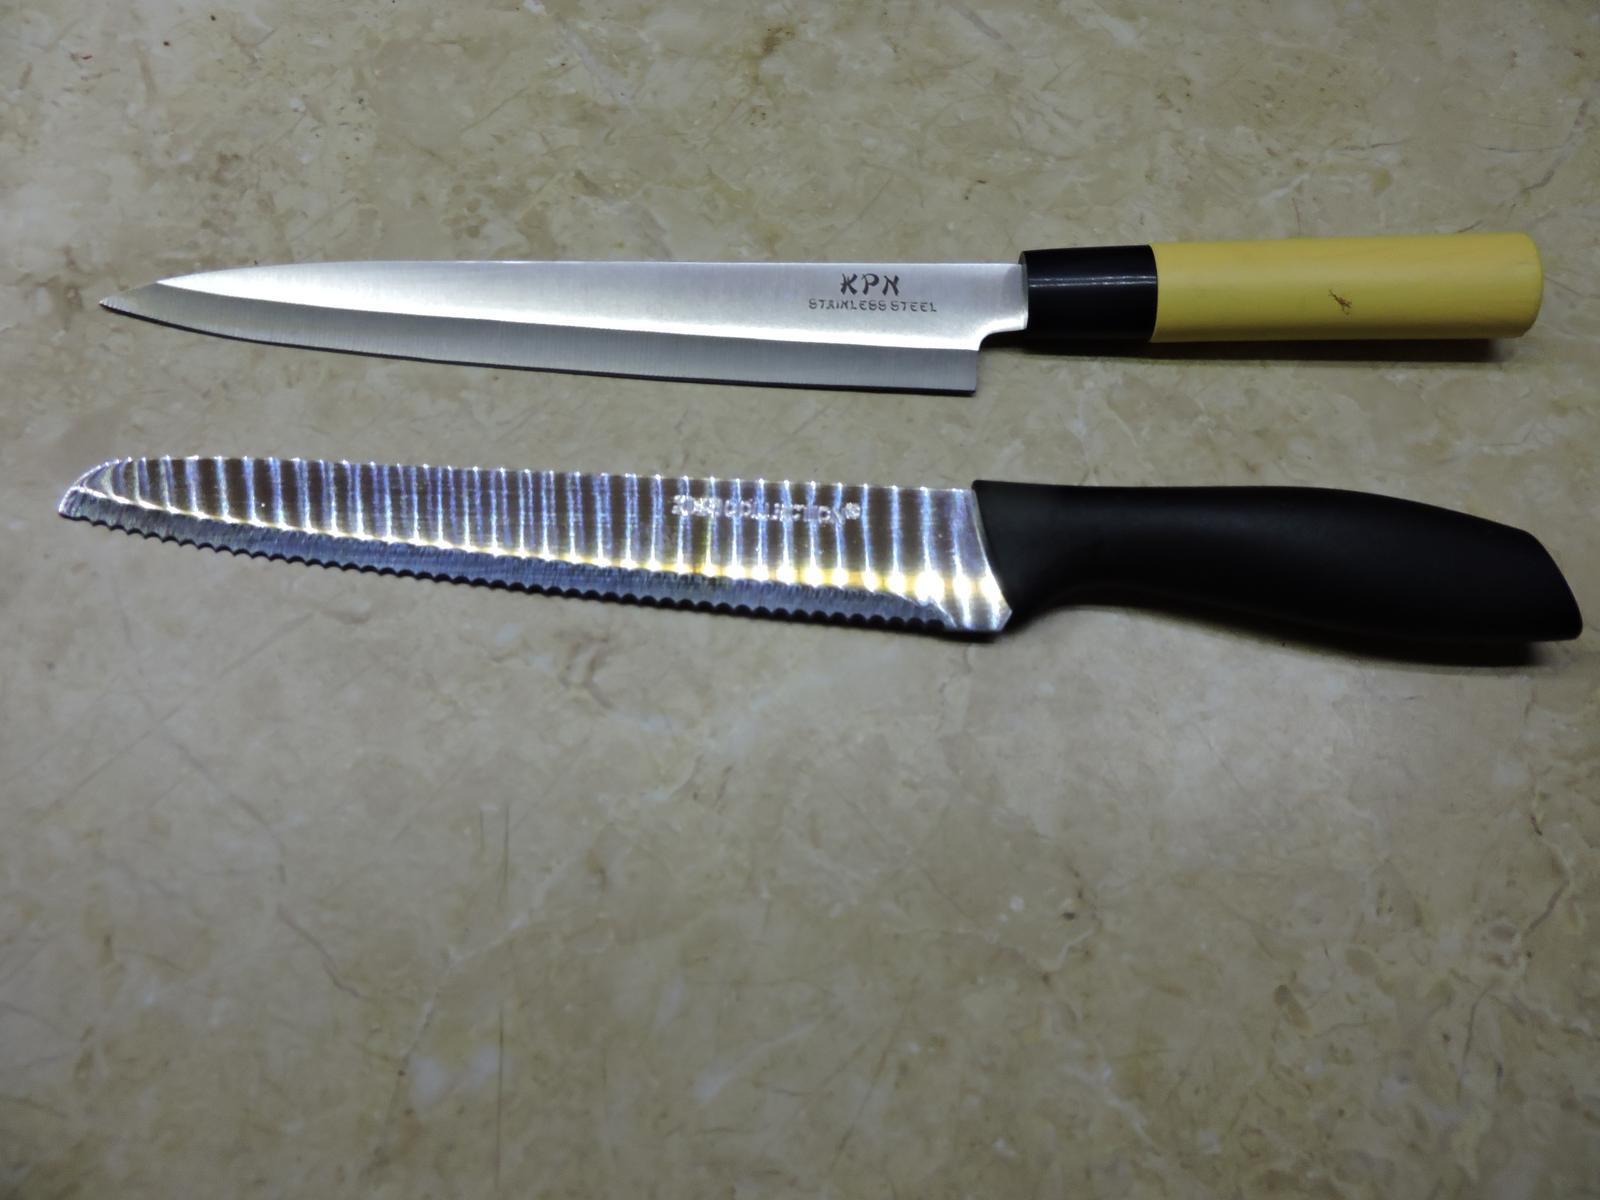 nože z nerezovej ocele 2 kusy - Obrázok č. 2